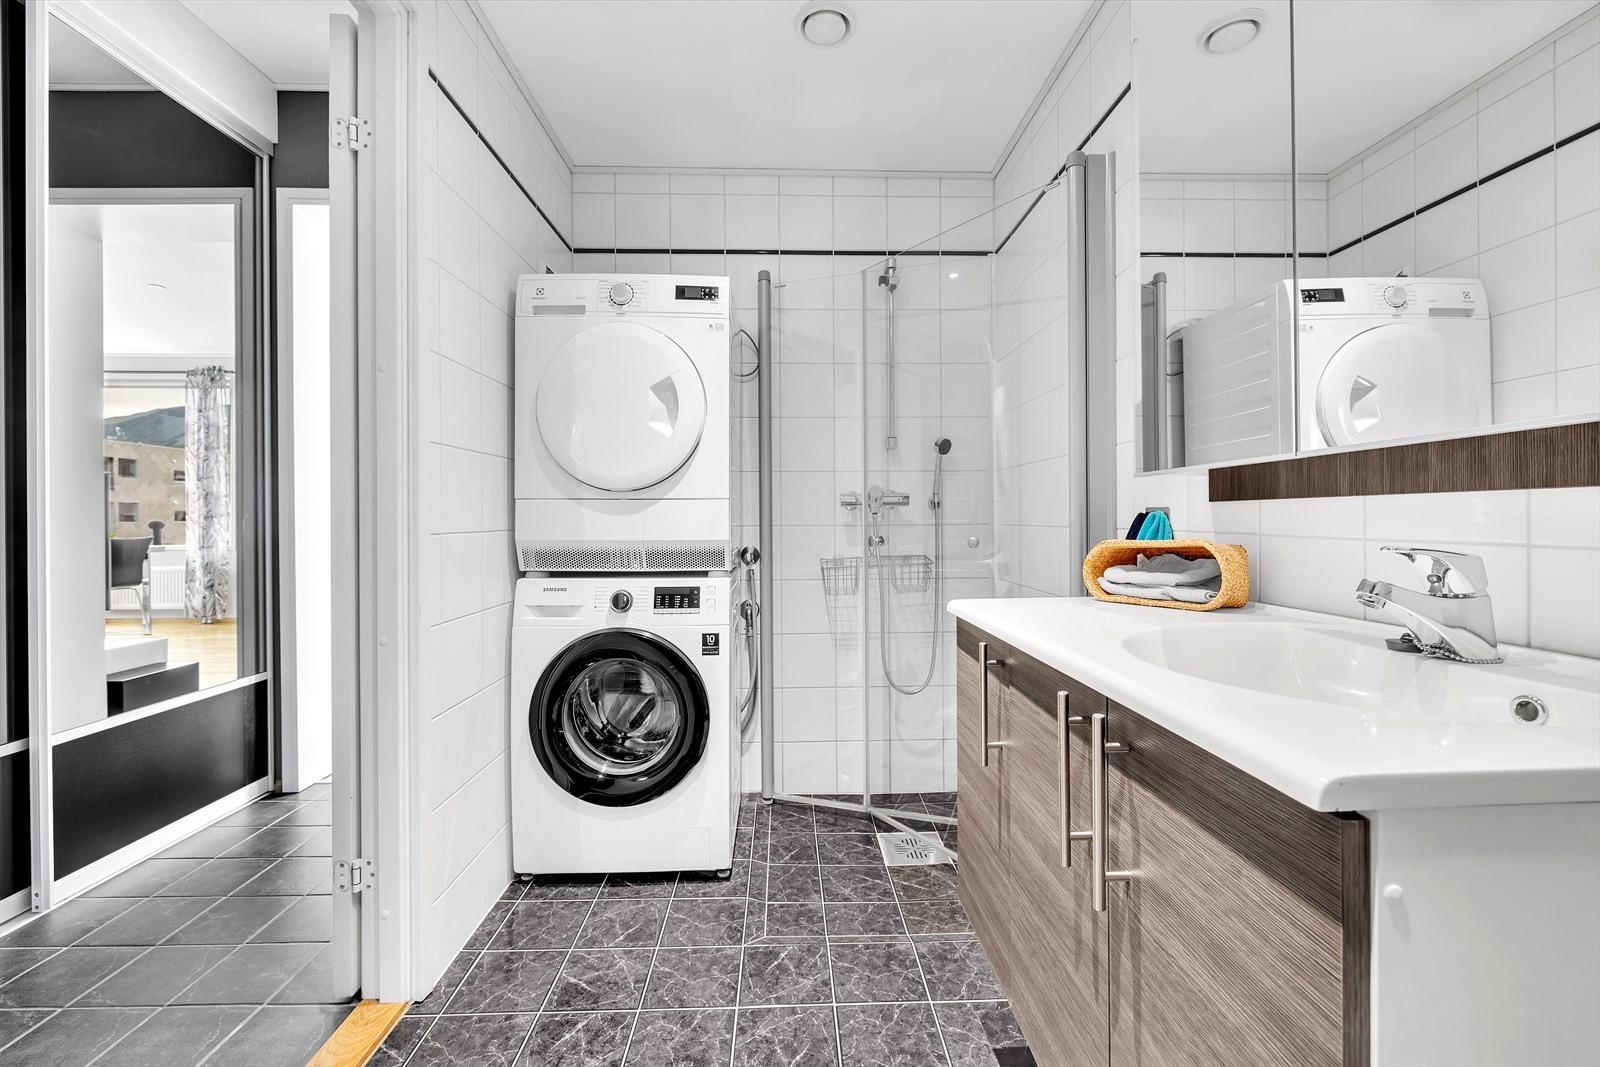 Flislagt bad med god skapplass og plass til vaskemaskin og trommel.